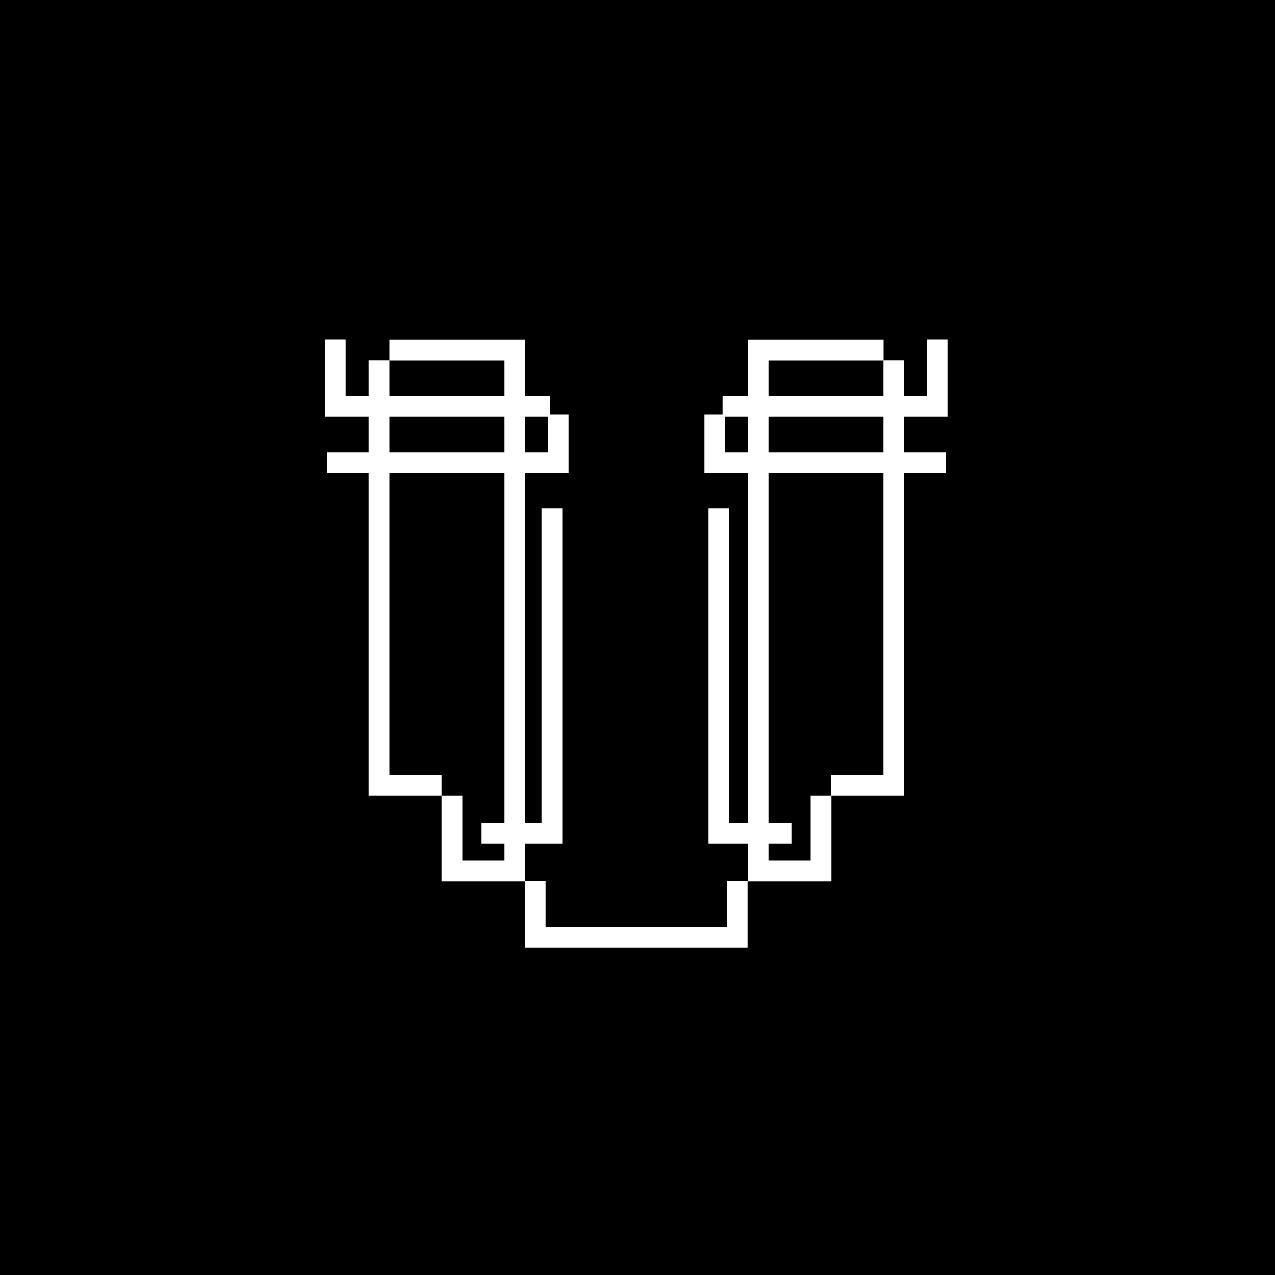 Letter U7 Design by Furia